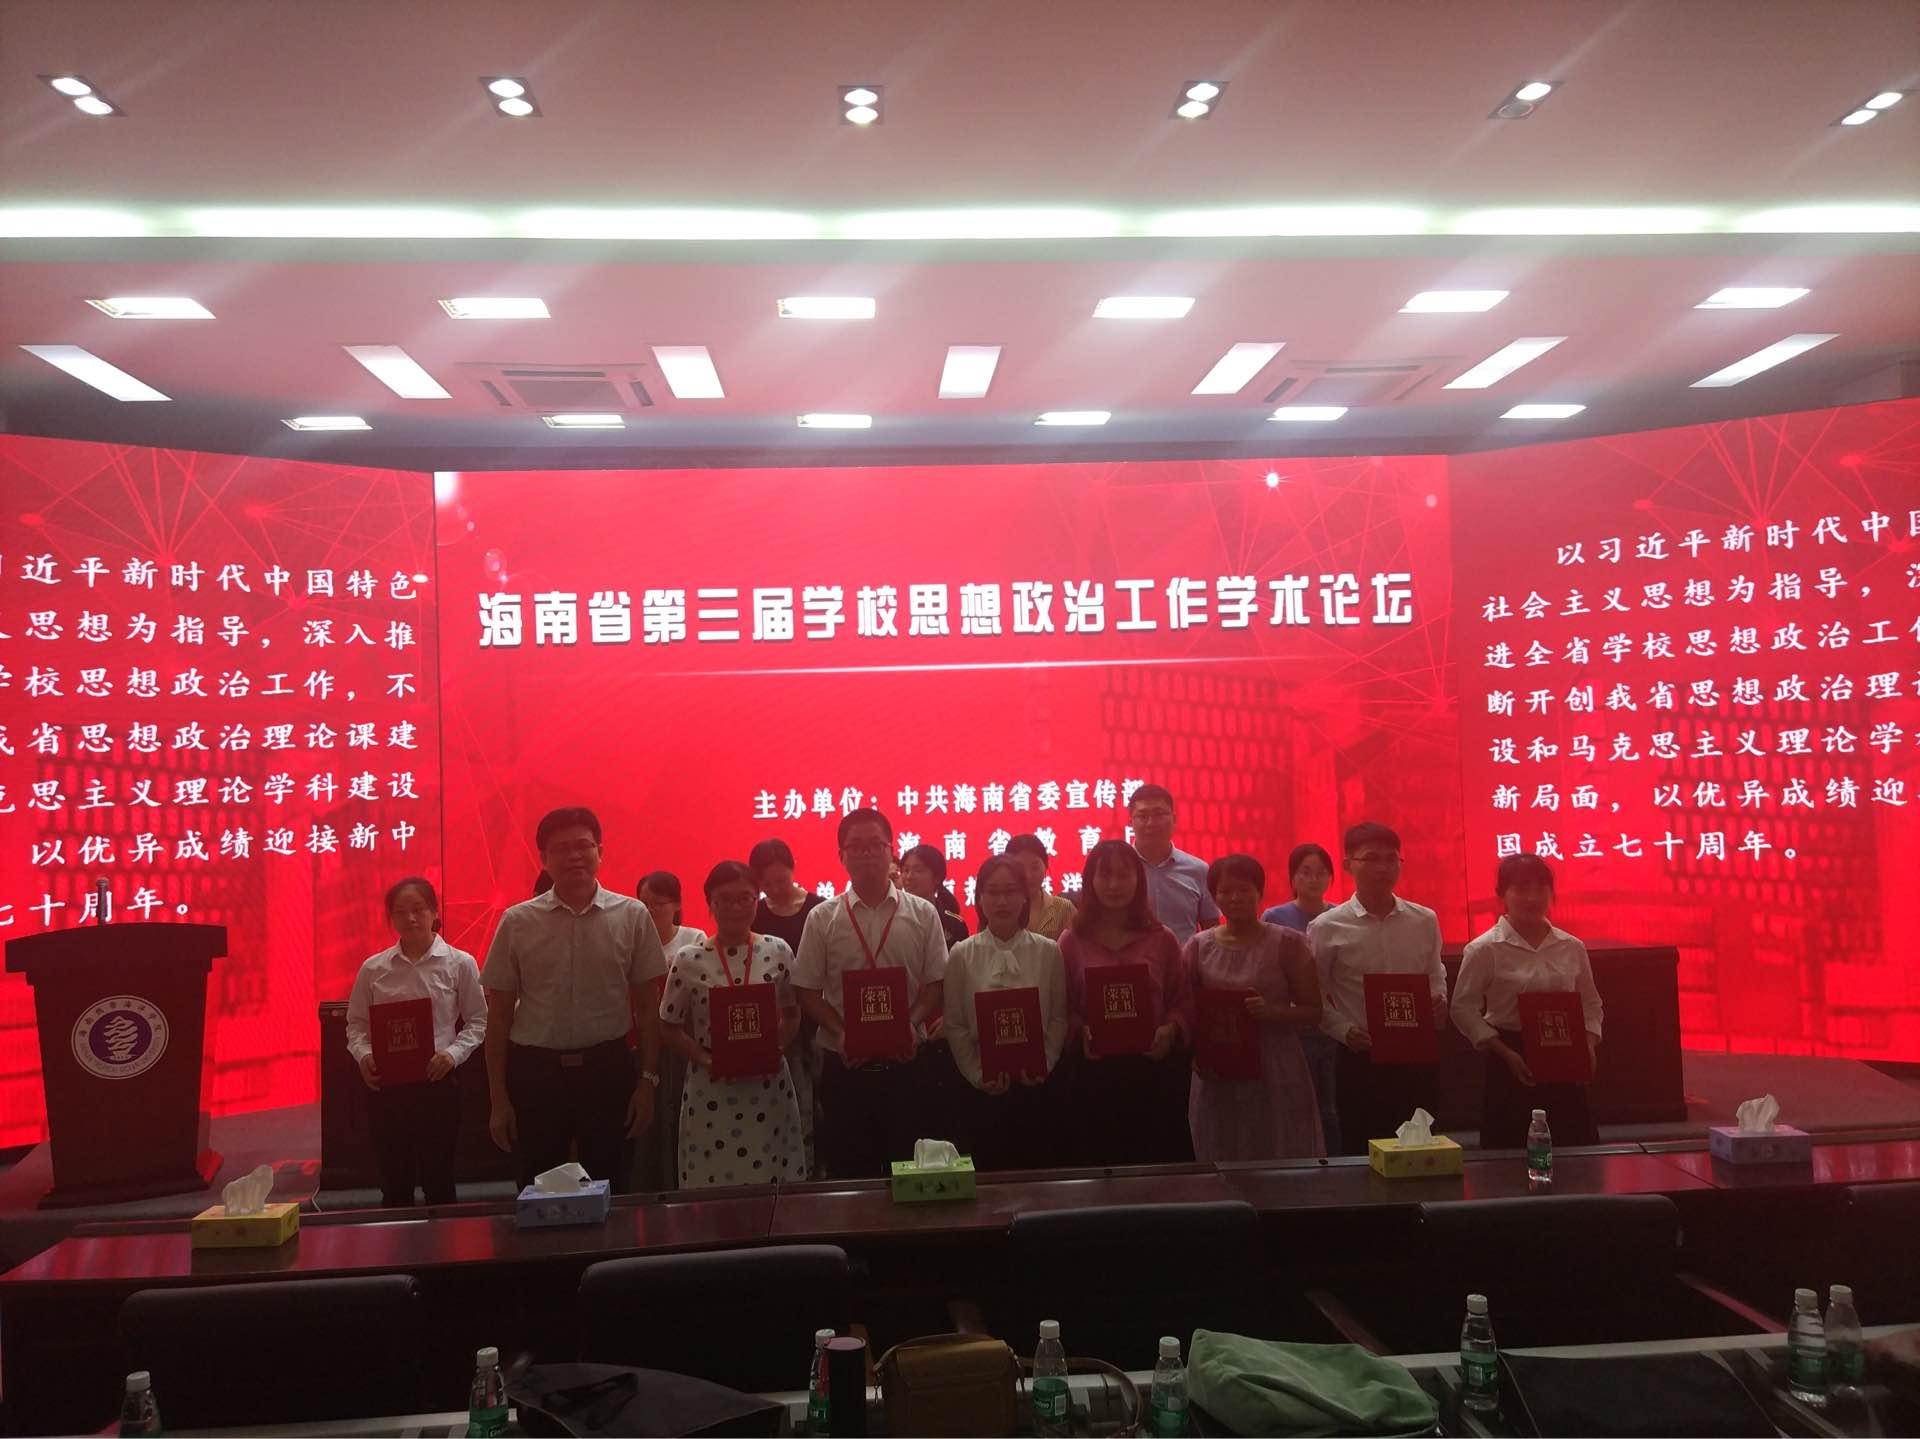 我校师生在海南省学校思想政治工作学术论坛上获佳绩